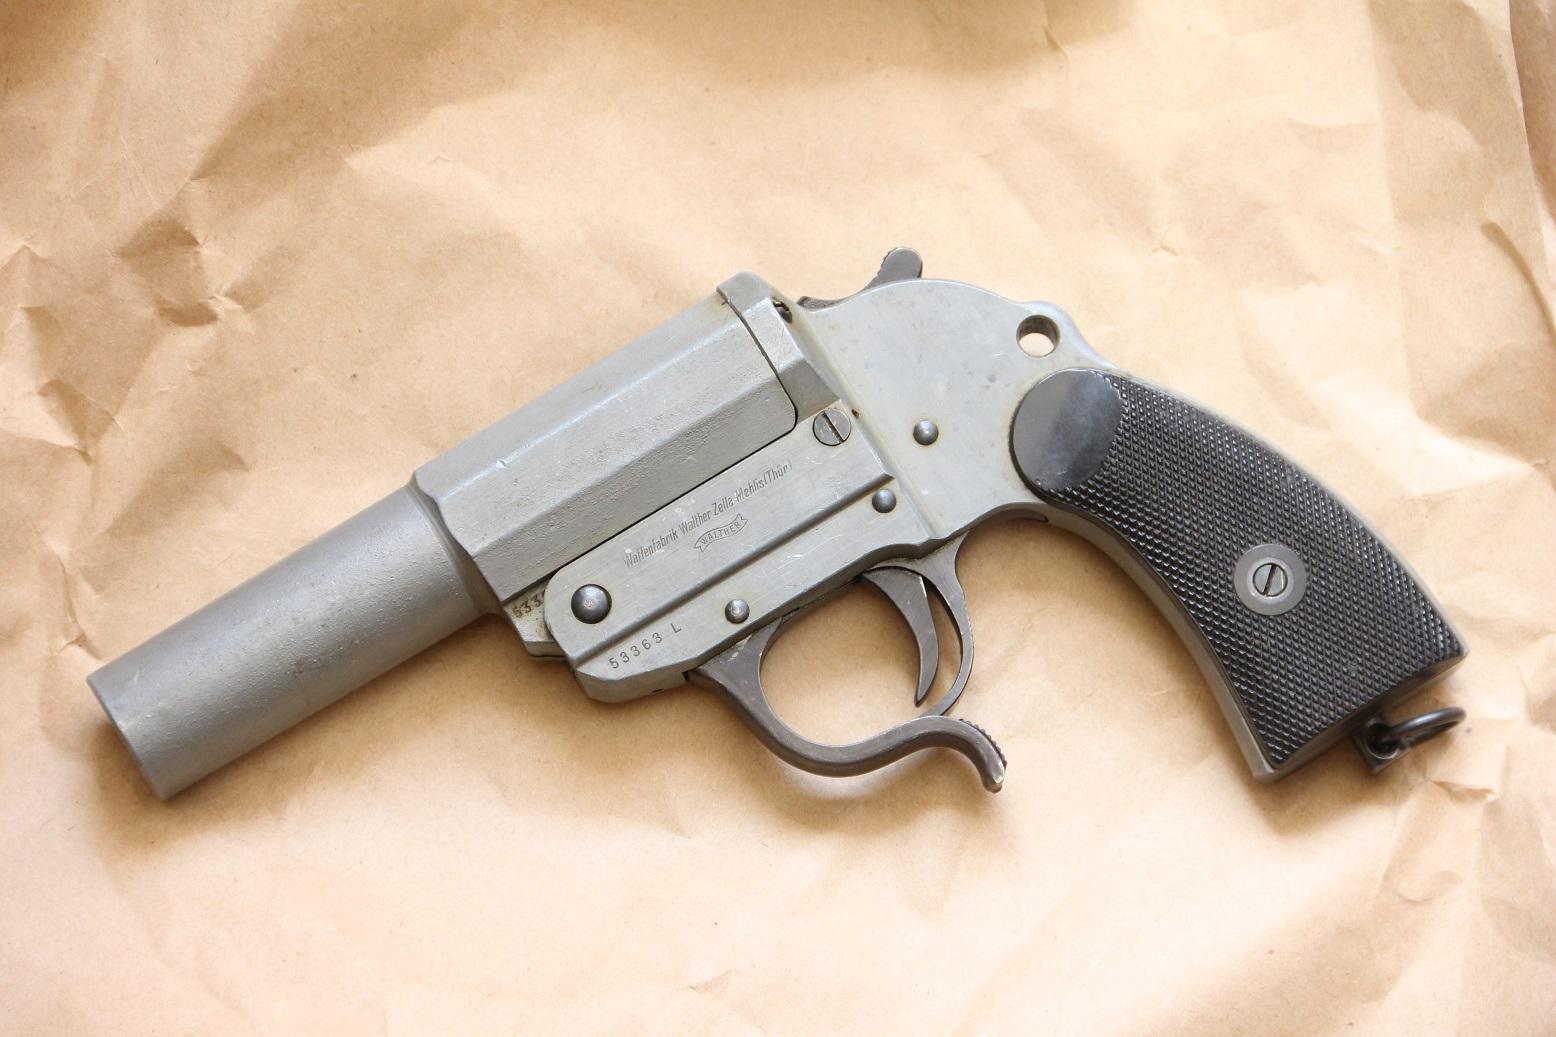 Ракетница Walther LP-34, #53363, 1943 год, цинковая, очень редкая